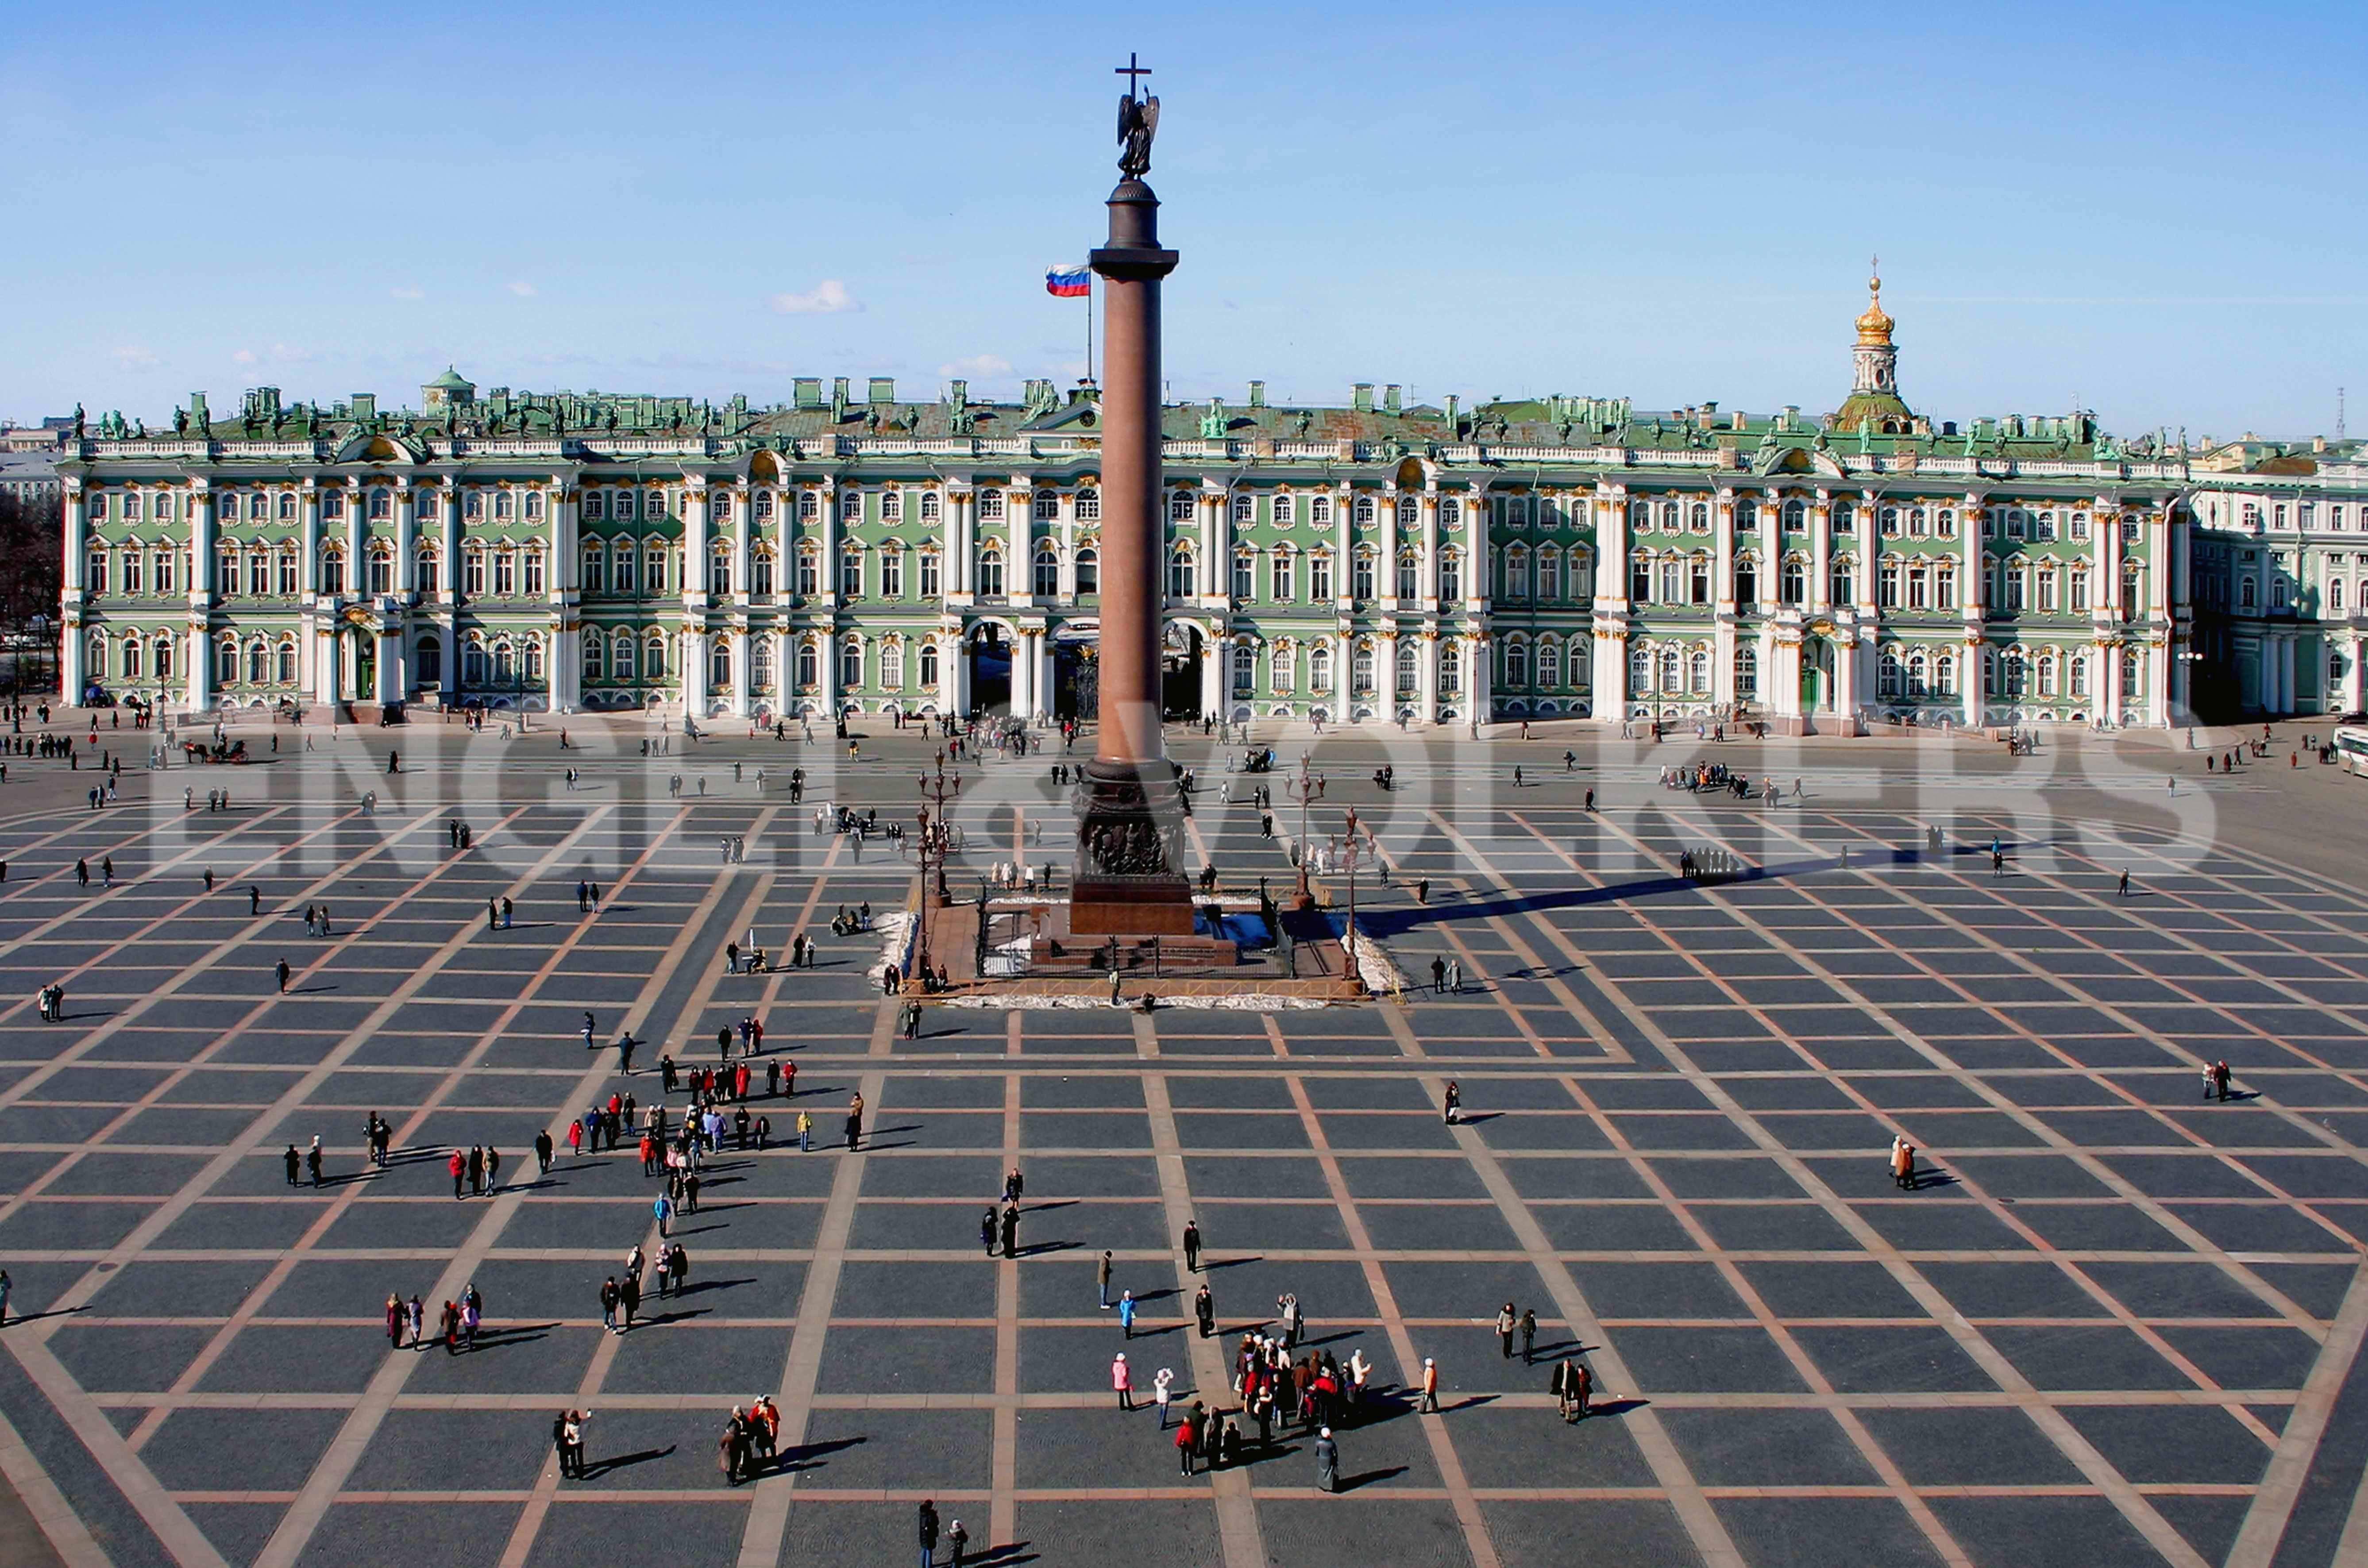 Элитные квартиры в Центральный р-н. Санкт-Петербург, Большая Морская, 4. Зимний дворец (Эрмитаж)